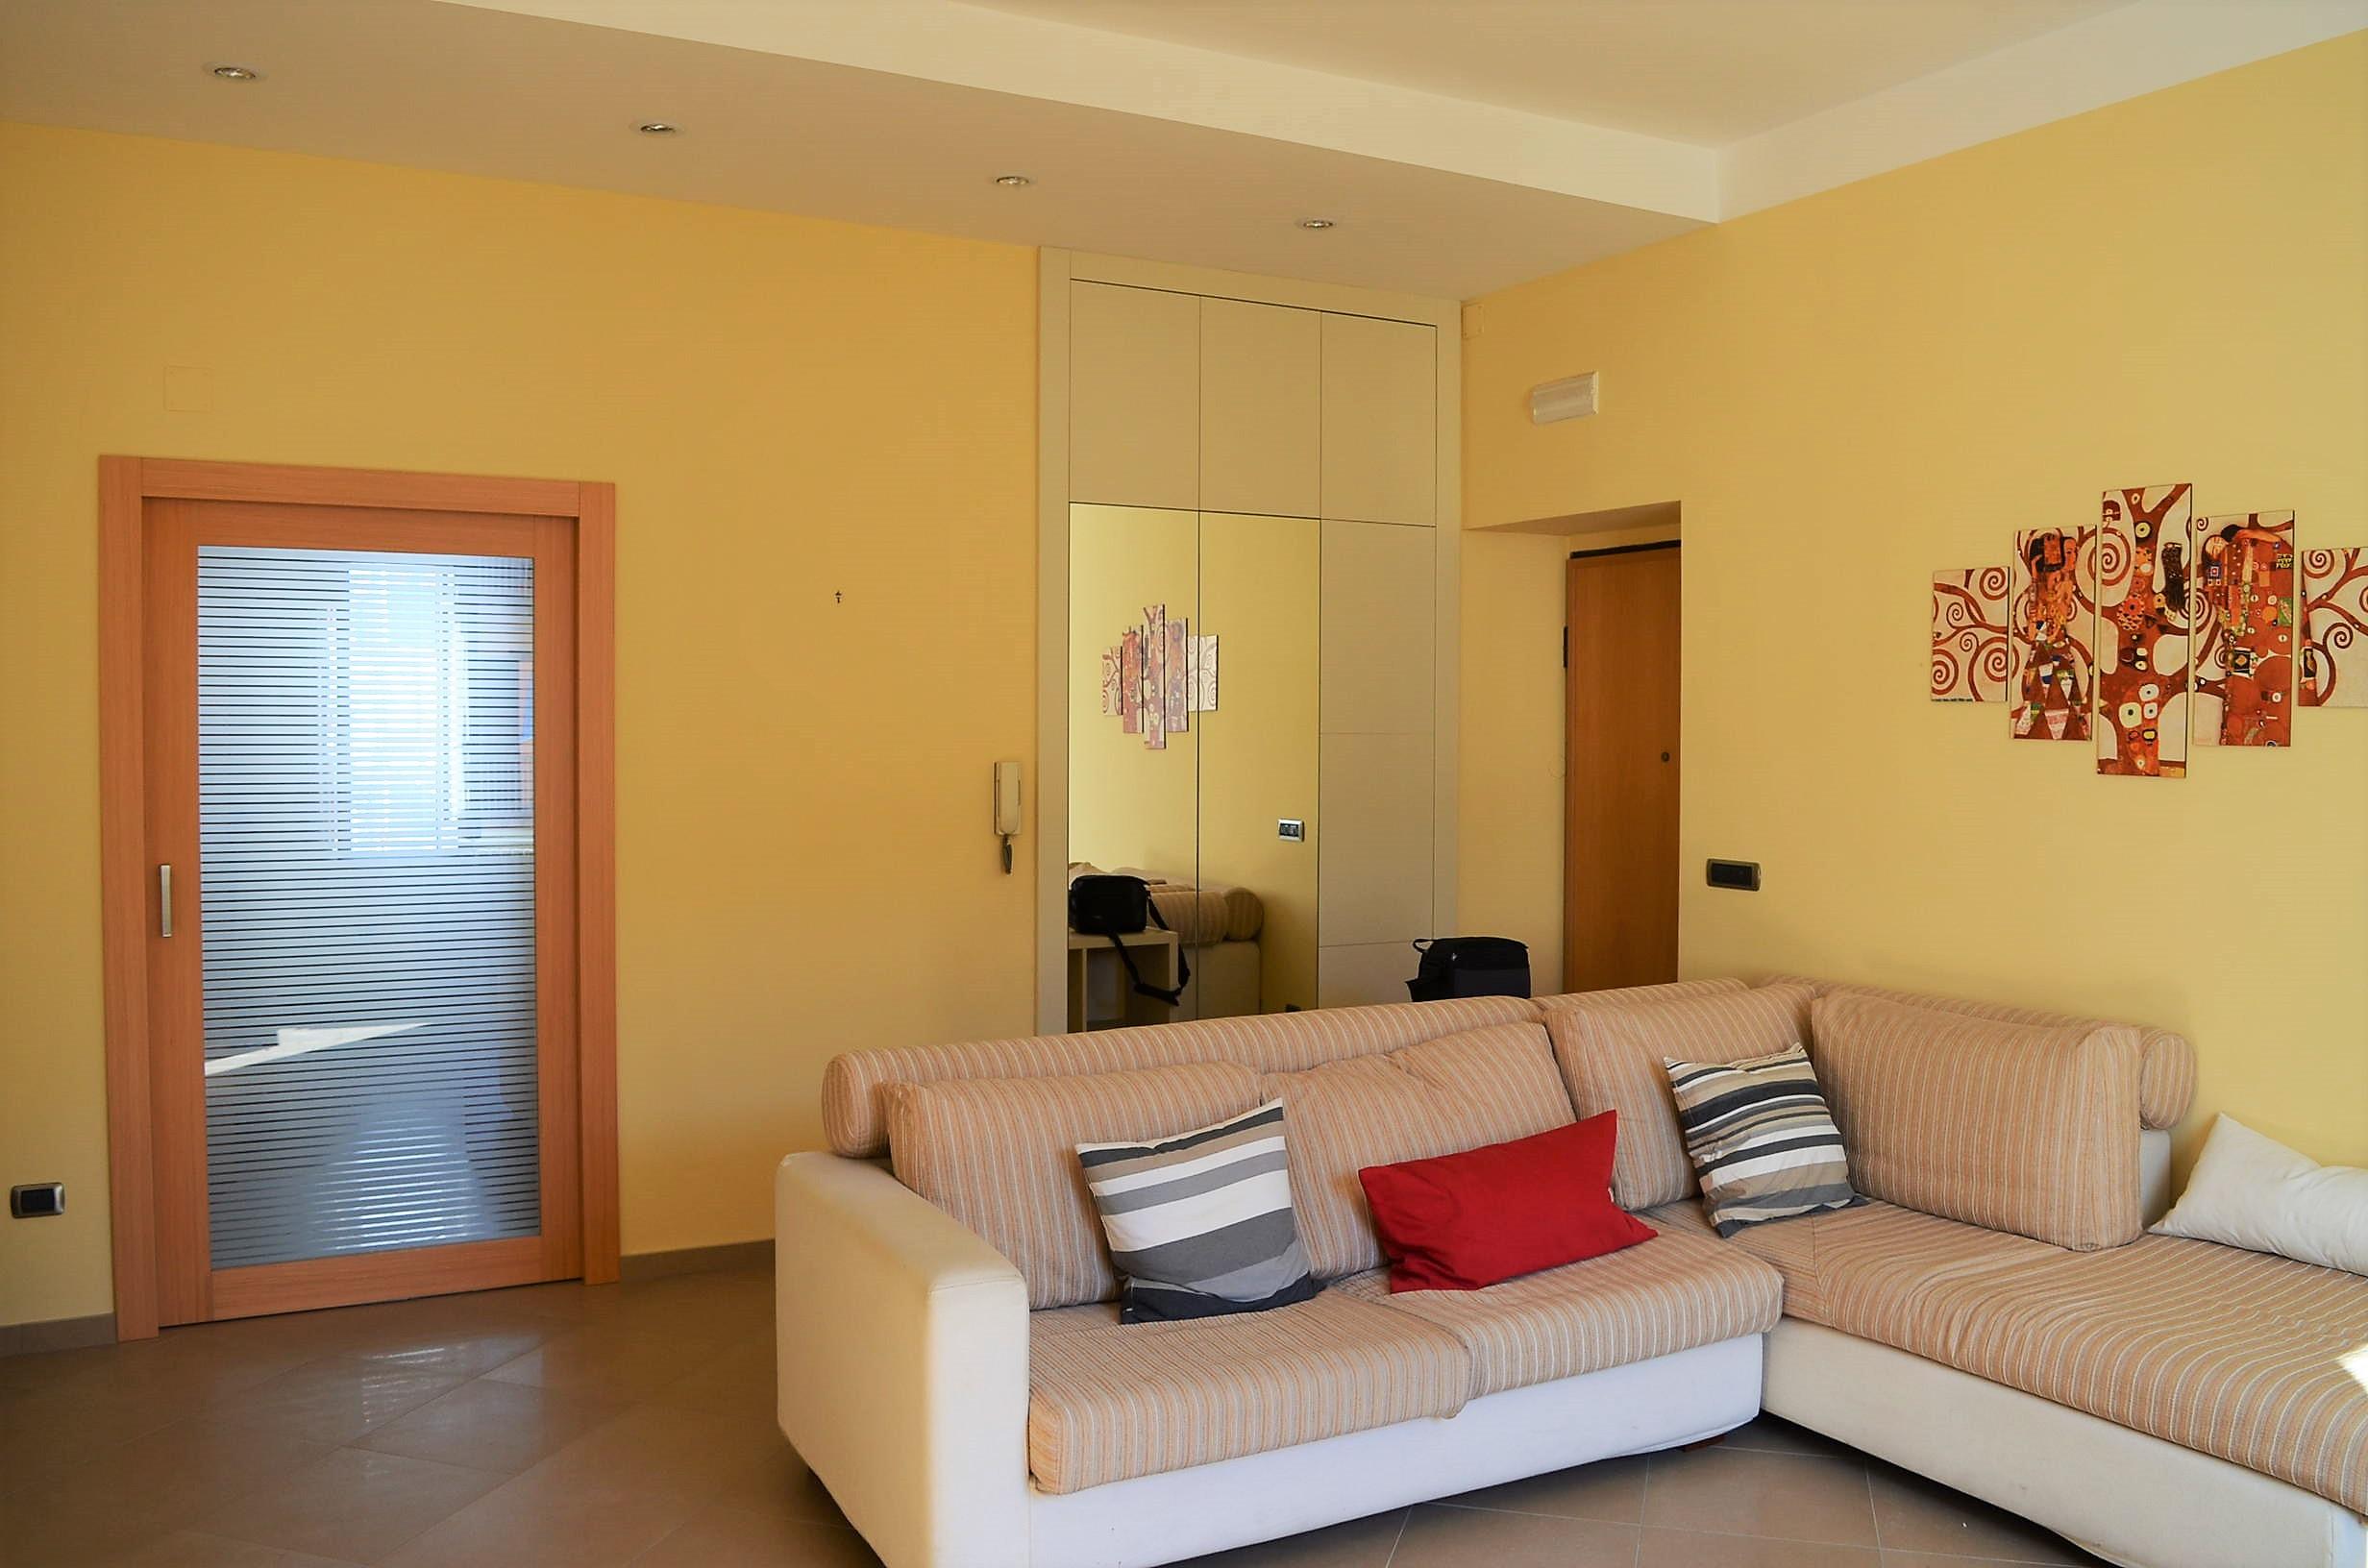 Avellino (AV) Appartamento ristrutturato in trav. di Corso Europa